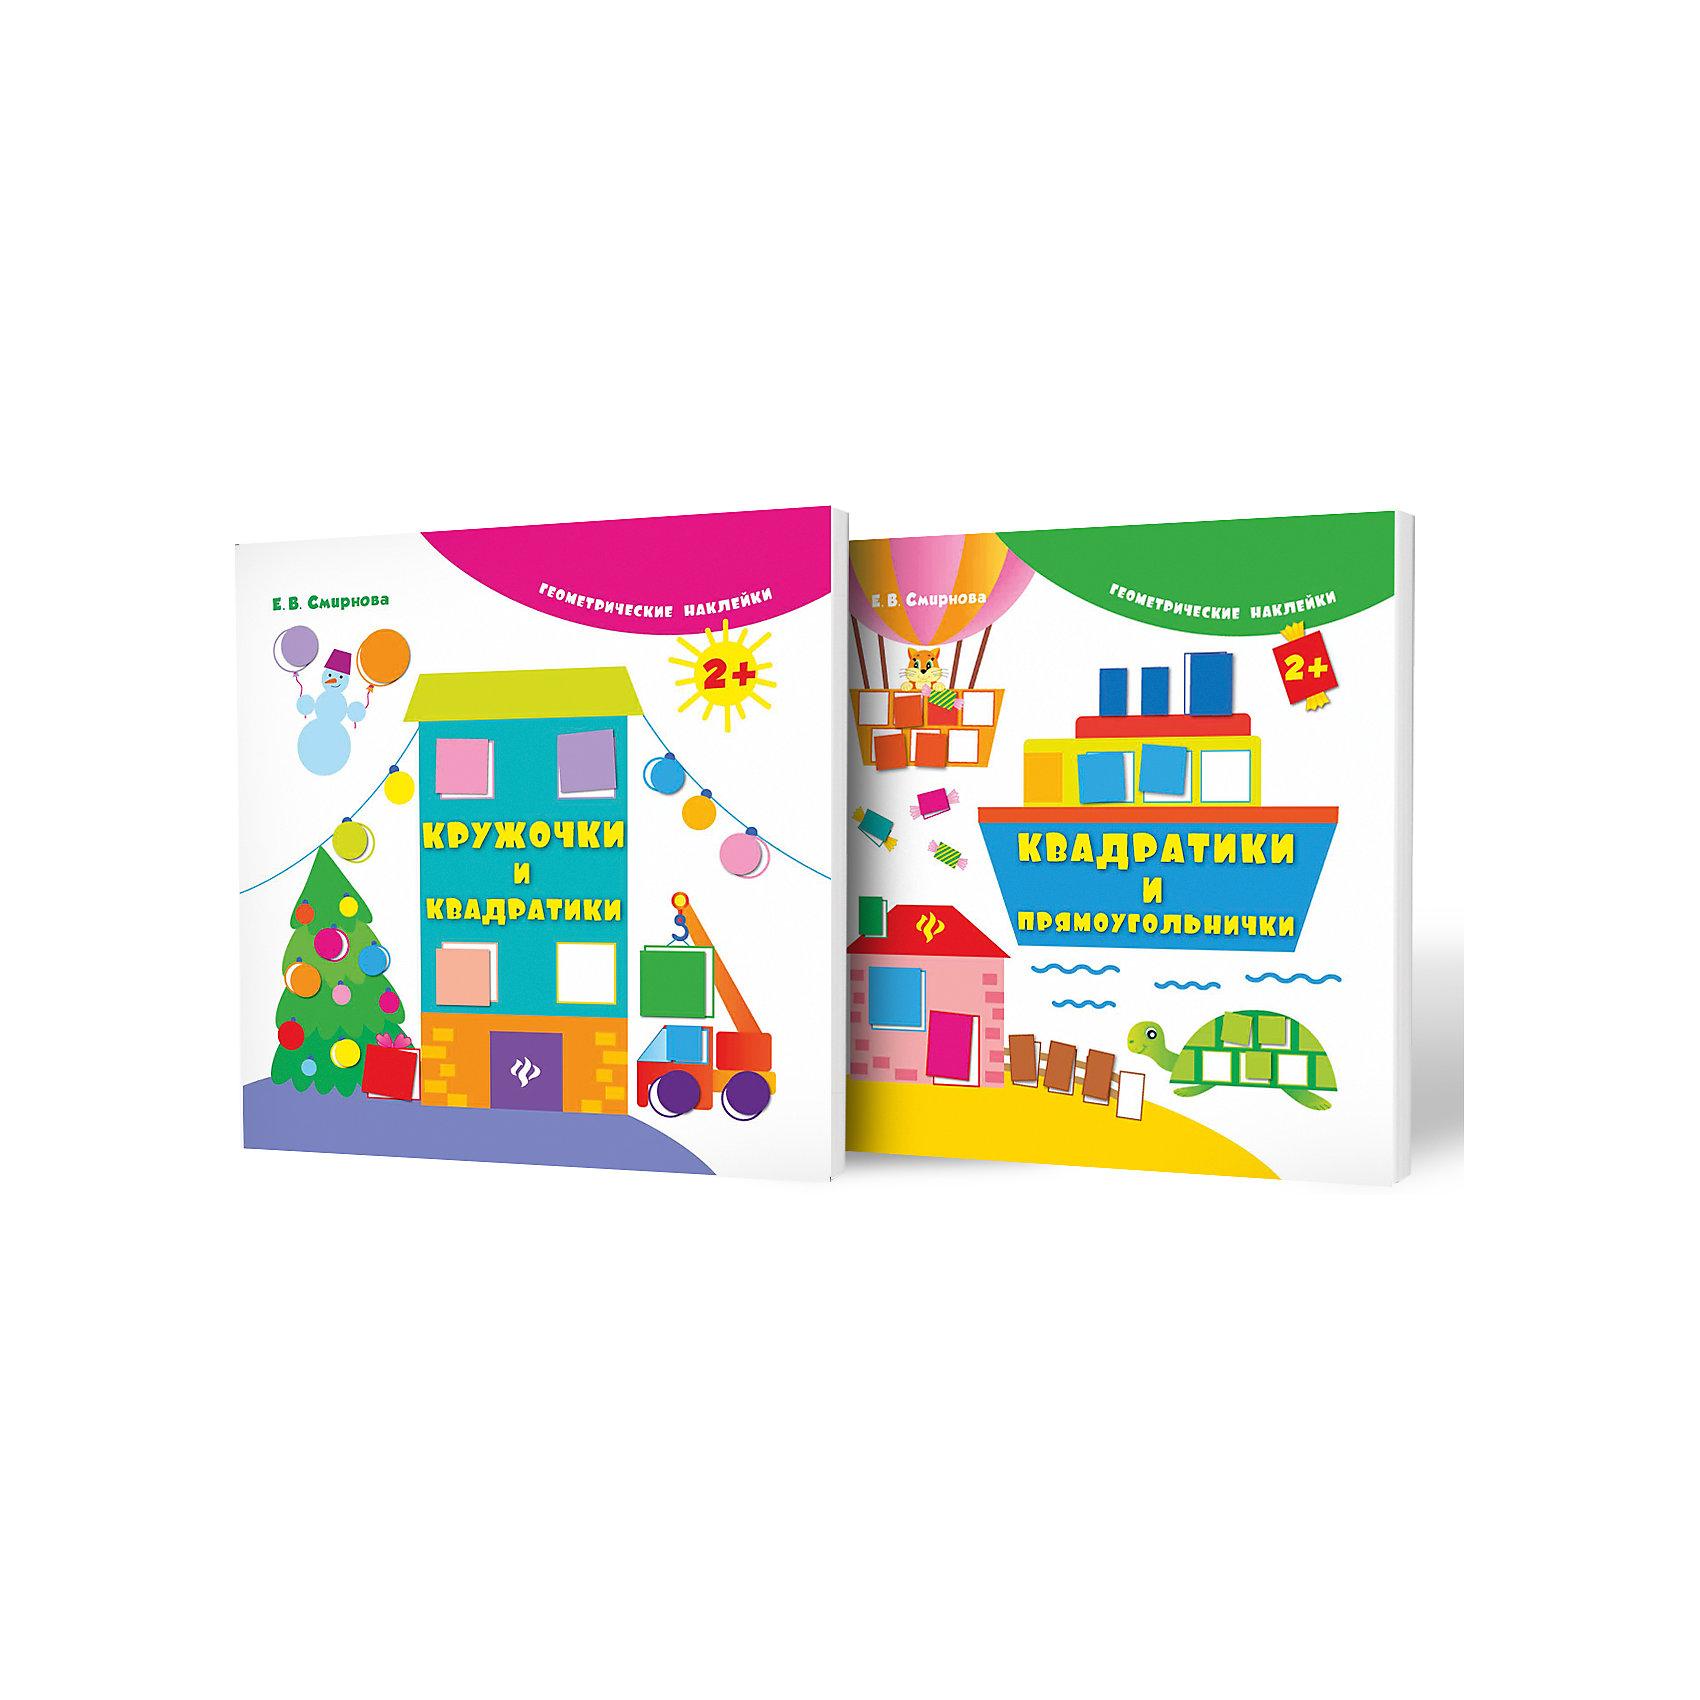 Квадратики+ кружочкиКнижки с наклейками<br>Характеристики:<br><br>• ISBN: 978-5-222-24965-9;<br>• ISBN: 978-5-222-24966-6;<br>• возраст: от 2 лет;<br>• формат: 70х100/12;<br>• бумага: мелованная;<br>• тип обложки: мягкий переплет (крепление скрепкой или клеем);<br>• иллюстрации: цветные;<br>• издательство: Феникс, 2016 г.;<br>• автор: Смирнова Е.В.;<br>• художник: Смирнова Е.В.;<br>• редактор: Зиновьева Л.А.;<br>• количество страниц в книге: 8;<br>• размеры книги: 21,5х21,4х0,2 см;<br>• масса книги: 58 г.<br><br>В набор входит 2 книжки: <br><br>• «Кружочки и квадратики»;<br>• «Квадратики и прямоугольнички».<br><br>Удобные рабочие тетради с заданиями помогут выучить геометрические фигуры, научиться их различать и находить на картинке. <br><br>Пособие предназначено для занятий родителей с детьми от 2 лет. Красочные наклейки сделают занятия интереснее и помогут развивать мелкую моторику.<br><br>Набор книг «Кружочки и квадратики + Квадратики и прямоугольнички», Смирнова Е.В., Феникс, можно купить в нашем интернет-магазине.<br><br>Ширина мм: 215<br>Глубина мм: 215<br>Высота мм: 20<br>Вес г: 360<br>Возраст от месяцев: 24<br>Возраст до месяцев: 2147483647<br>Пол: Унисекс<br>Возраст: Детский<br>SKU: 6873657